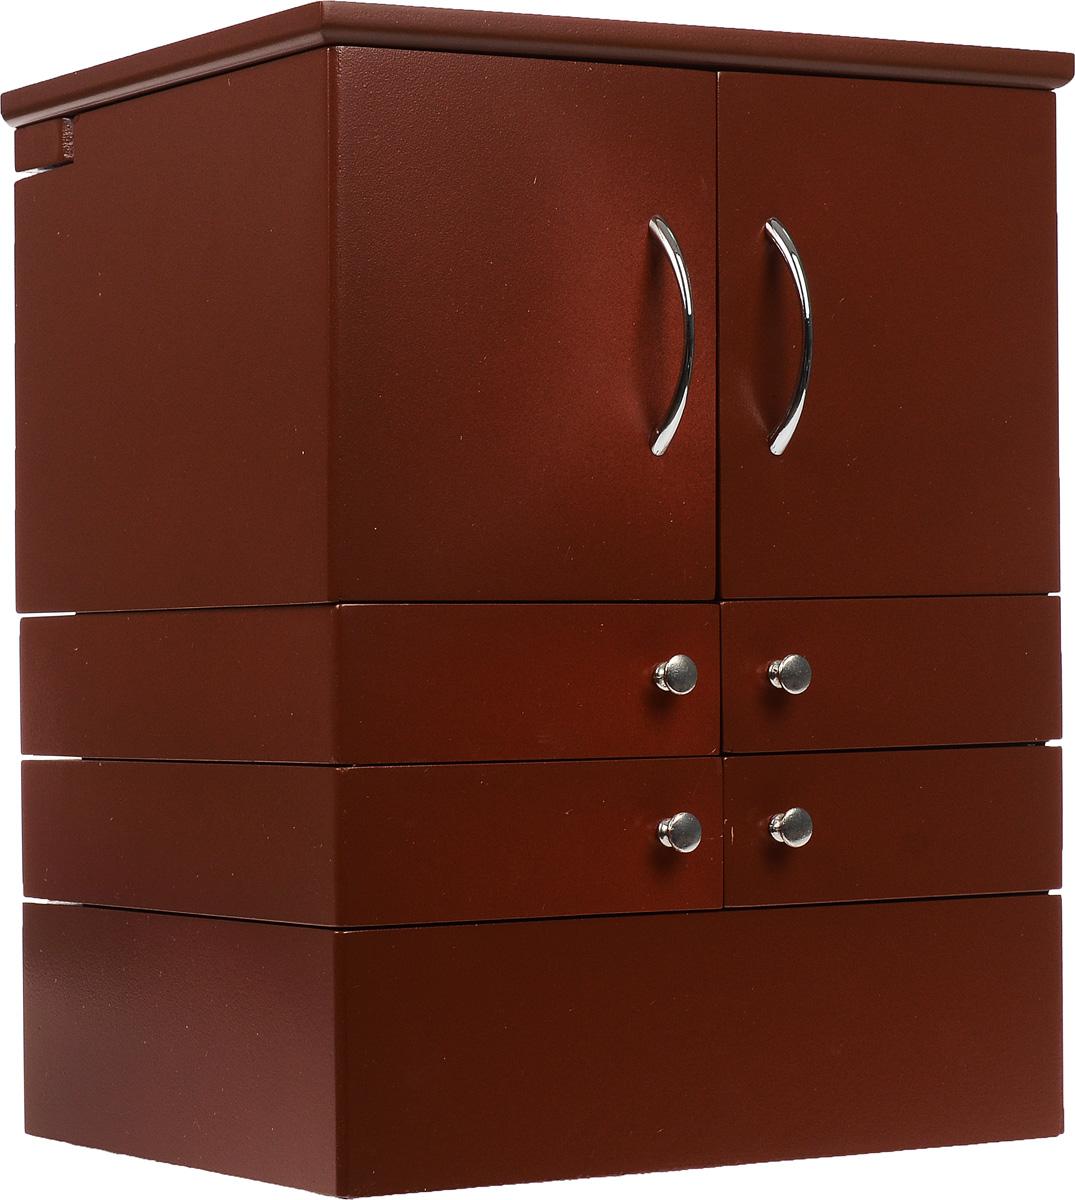 Шкатулка для косметики, настольная, цвет: коричневый.FH-JC0502Настольная раздвижная шкатулка для косметики поможет стильно, аккуратно и в одном месте хранить всю вашу косметику. Также может использоваться для хранения бижутерии и ювелирных украшений. Шкатулка выполнена из дерева, окрашенного краской белого цвета. Изделие имеет 4 яруса с раздвижными ящичками. Нижний ярус представляет собой ящик с двумя секциями, одна из которых имеет 7 продолговатых отделений для хранения тюбиков. Второй и третий ярус выполнены в виде ящичков с металлическими ручками, где удобно хранить различные мелкие баночки с косметикой. Верхний ярус также содержит два отделения, одно из них имеет 30 квадратных секций для хранения губных помад. Шкатулка дополнительно имеет 10 небольших отделений, куда очень удобно помещаются тени или румяна, а также два отдела для хранения аксессуаров, например, кистей. В шкатулке предусмотрено квадратное зеркальце, расположенное с внутренней стороны крышки. Дно ящиков отделано мягкой бархатистой тканью, что исключает...